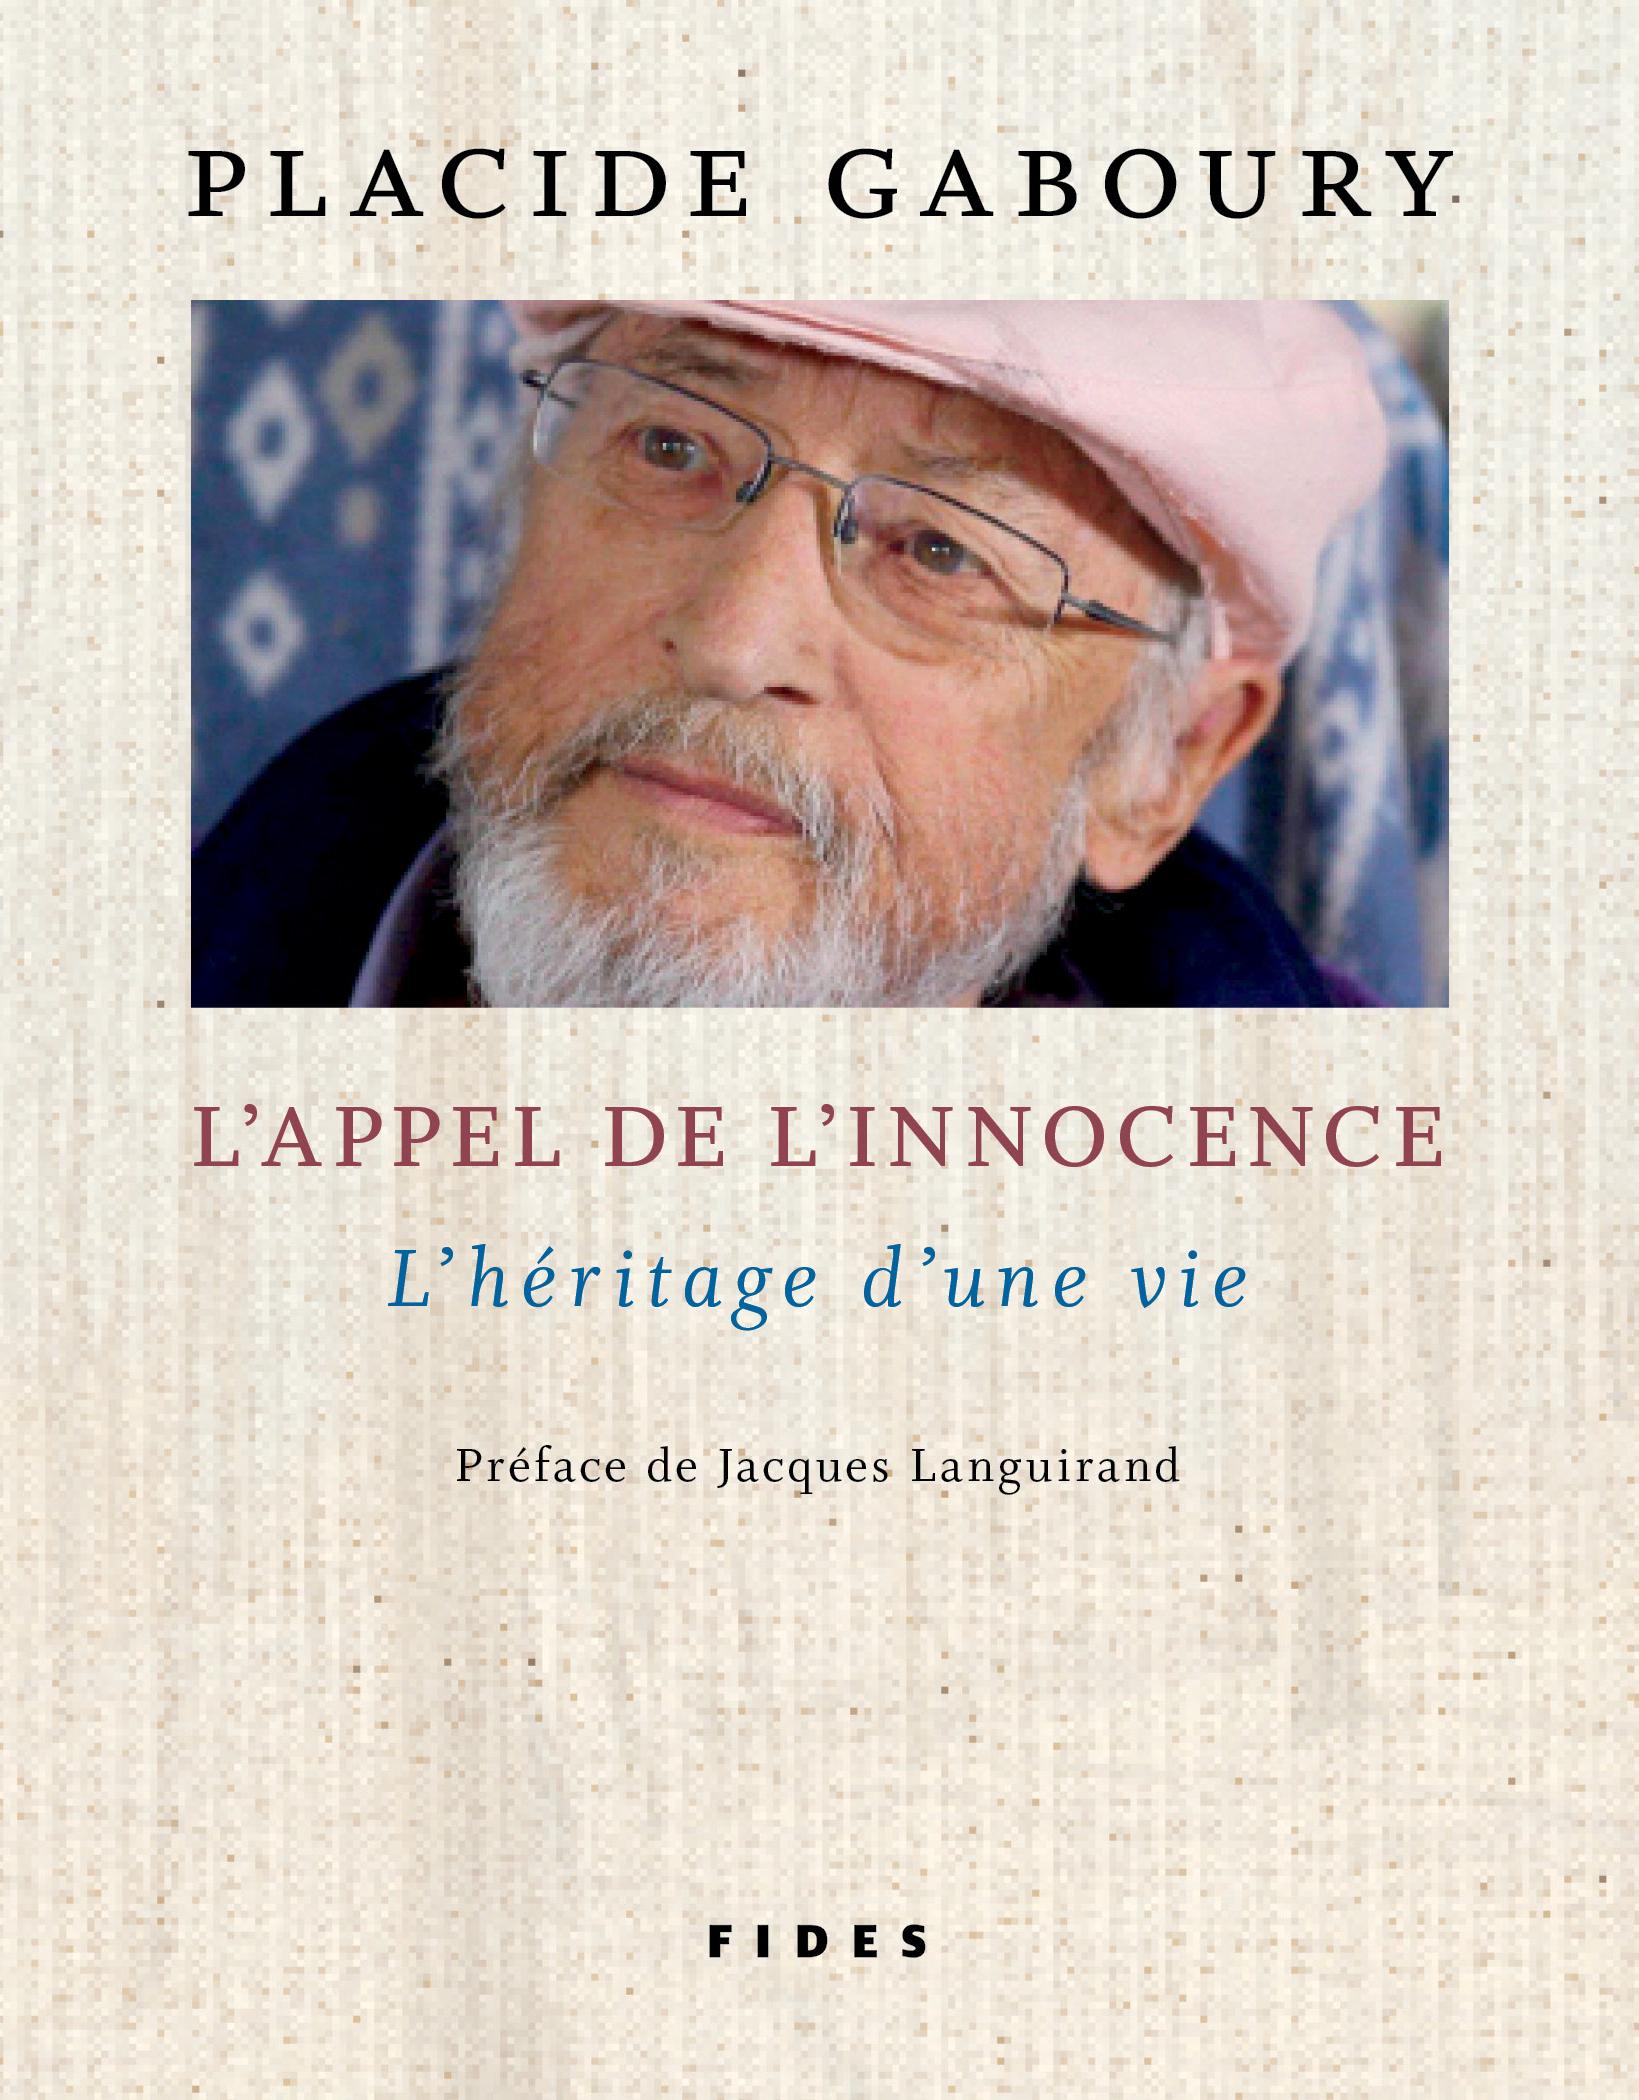 L'appel de l'innocence, L'héritage d'une vie